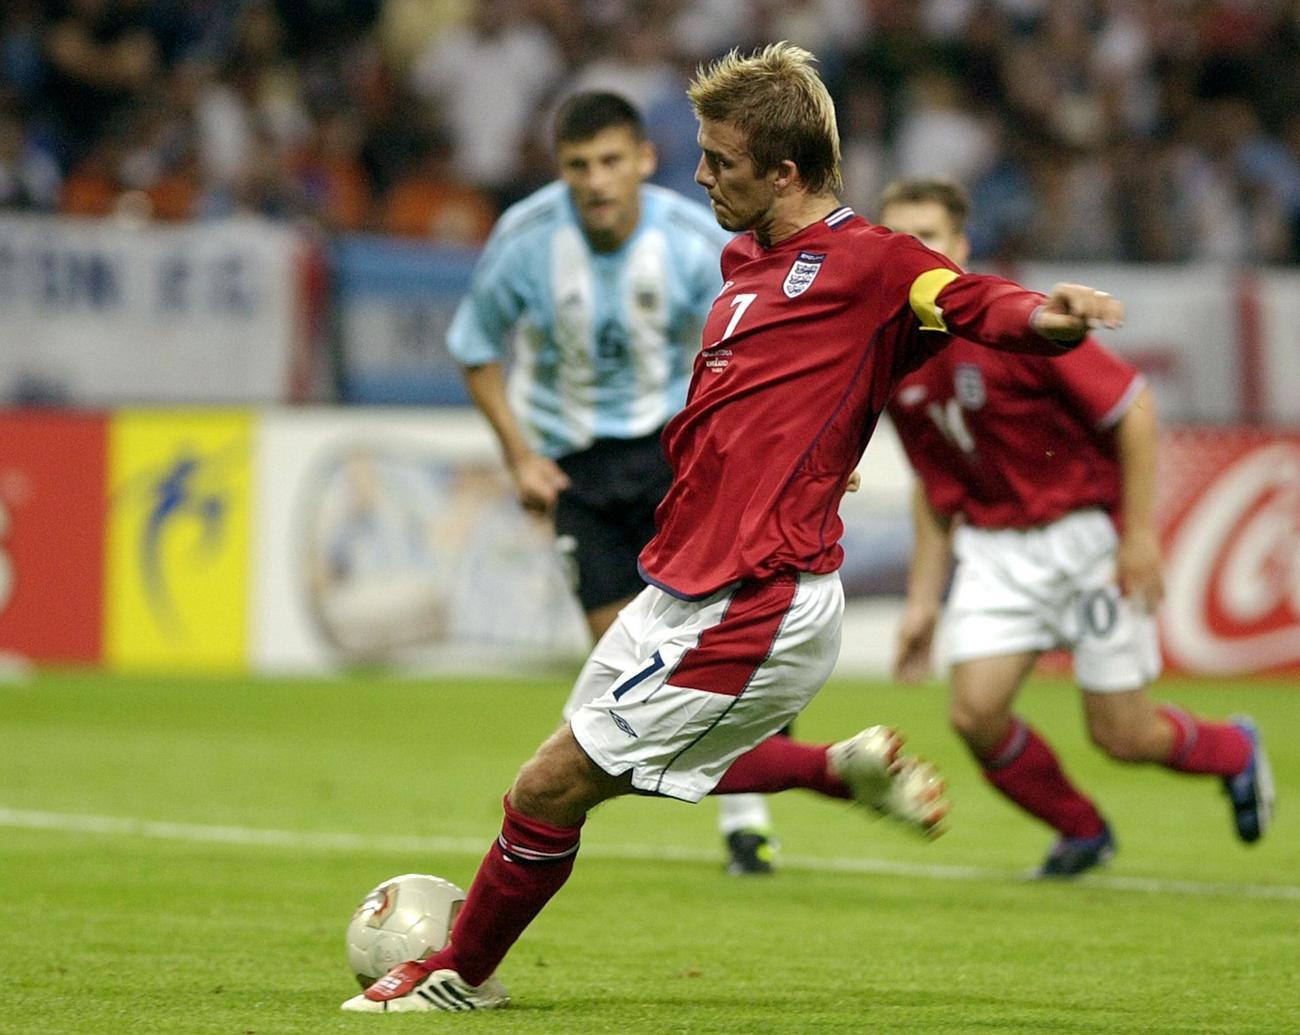 02年6月、サッカーW杯日韓大会、アルゼンチン戦でPKを決めるイングランド・ベッカム